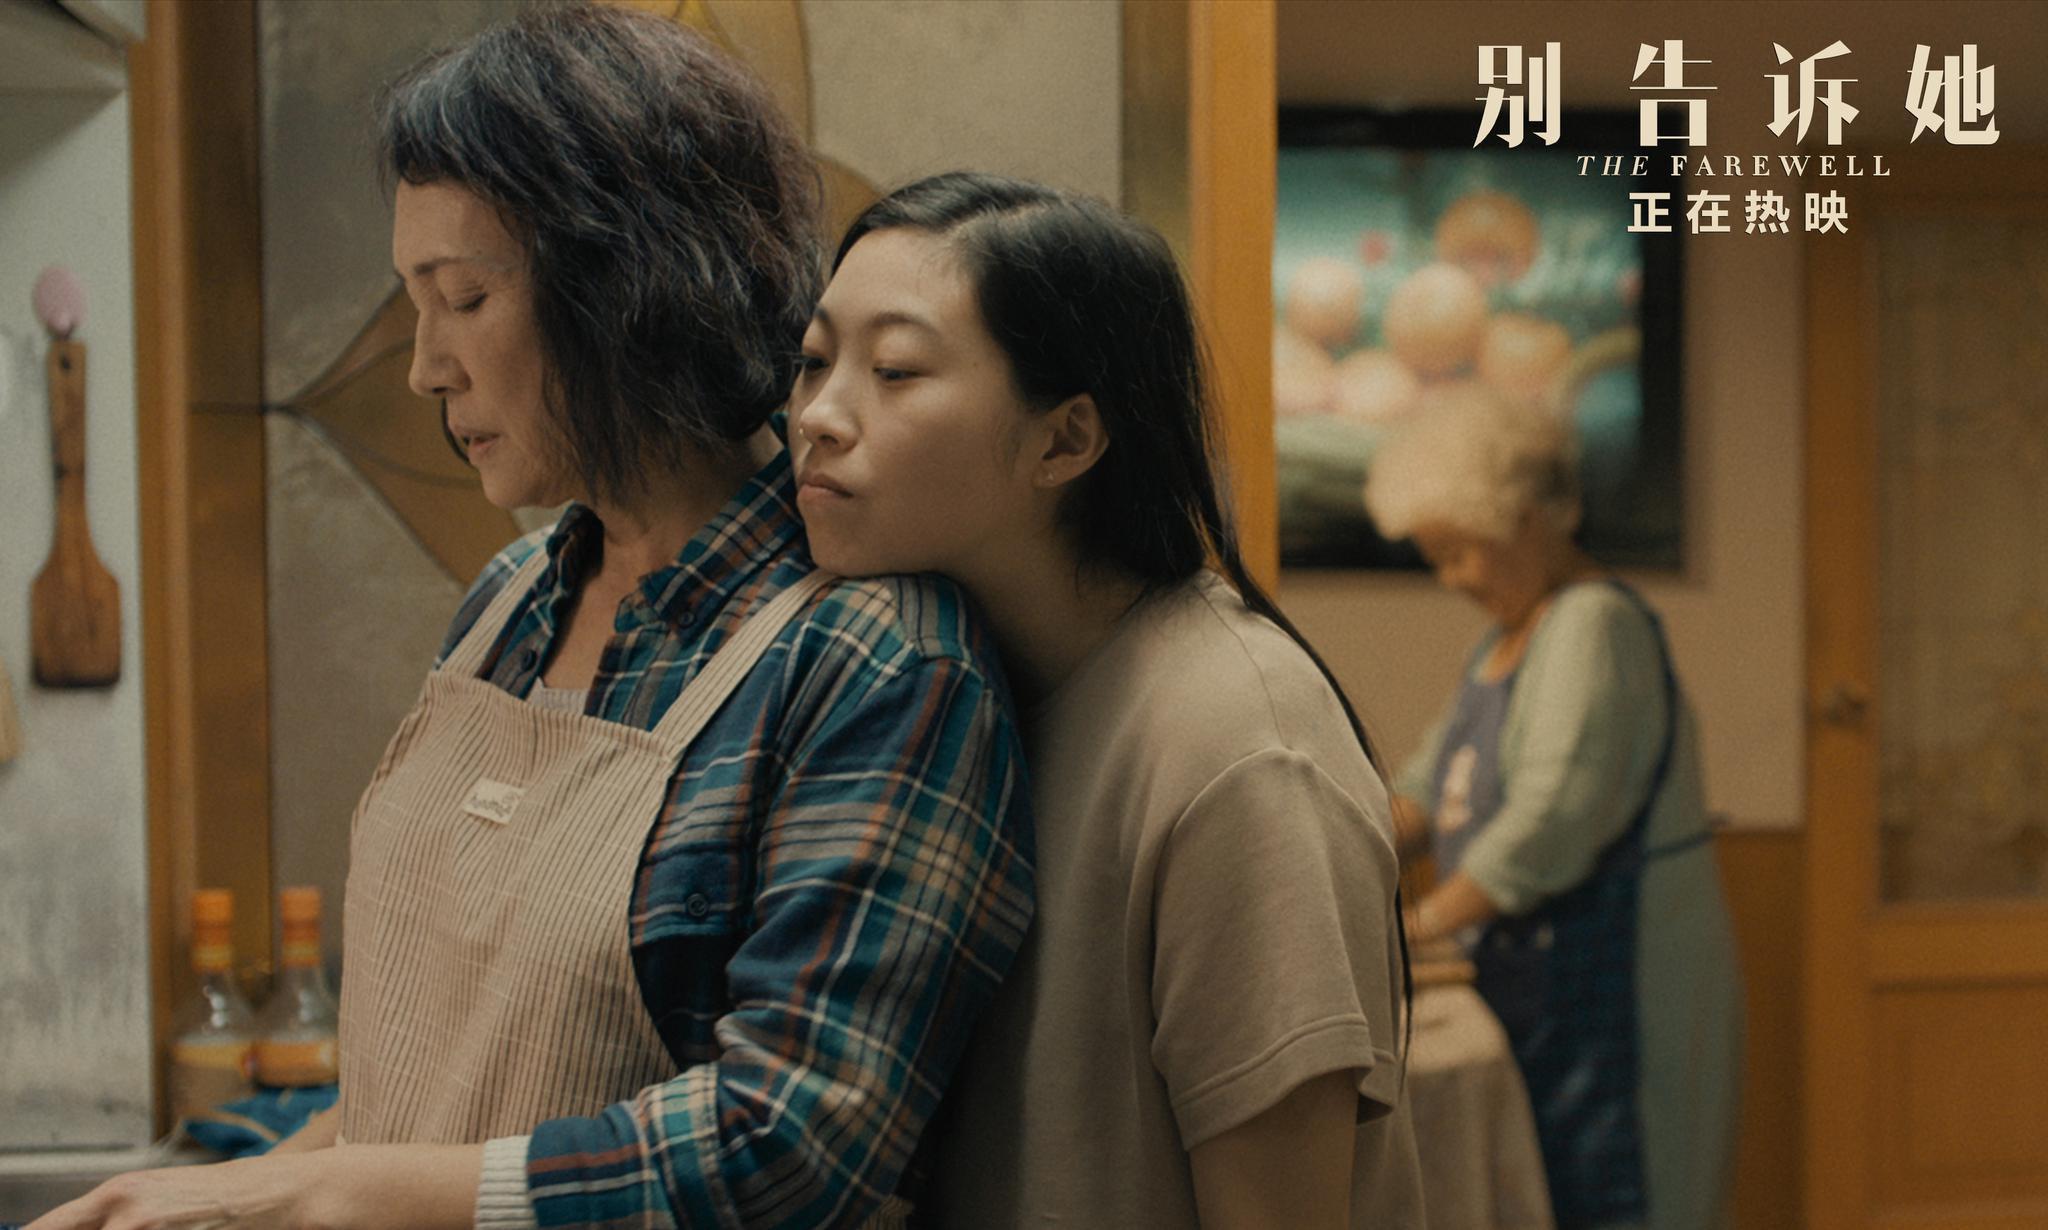 电影《别告诉她》发布聚餐片段  真实还原中国式团聚名场面